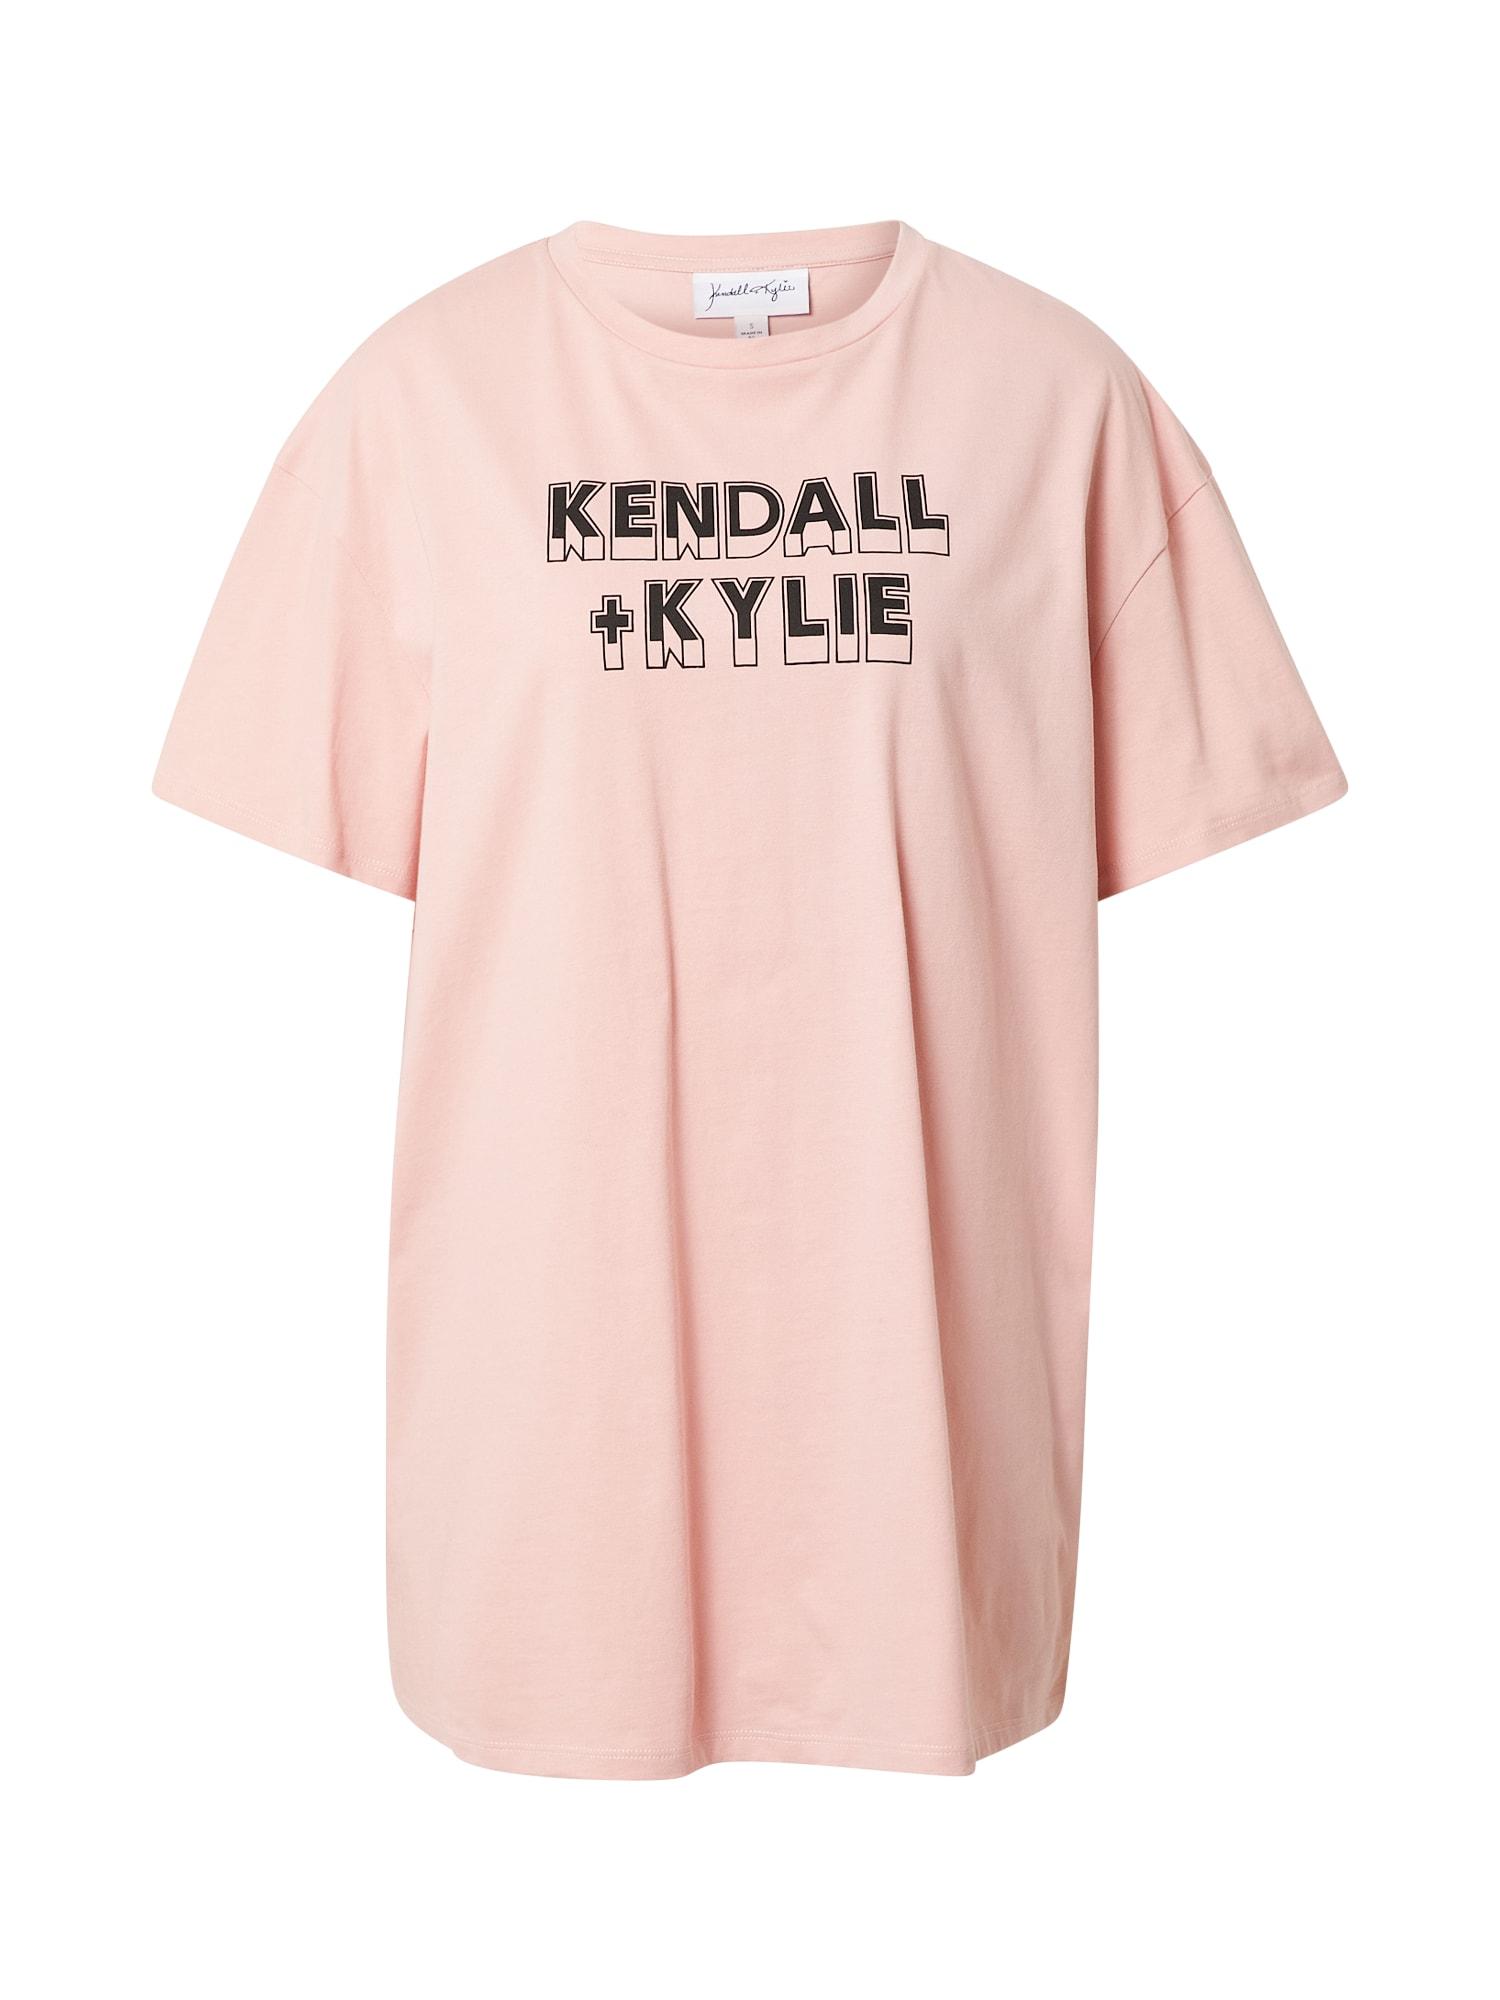 KENDALL + KYLIE Tričko  ružová / čierna